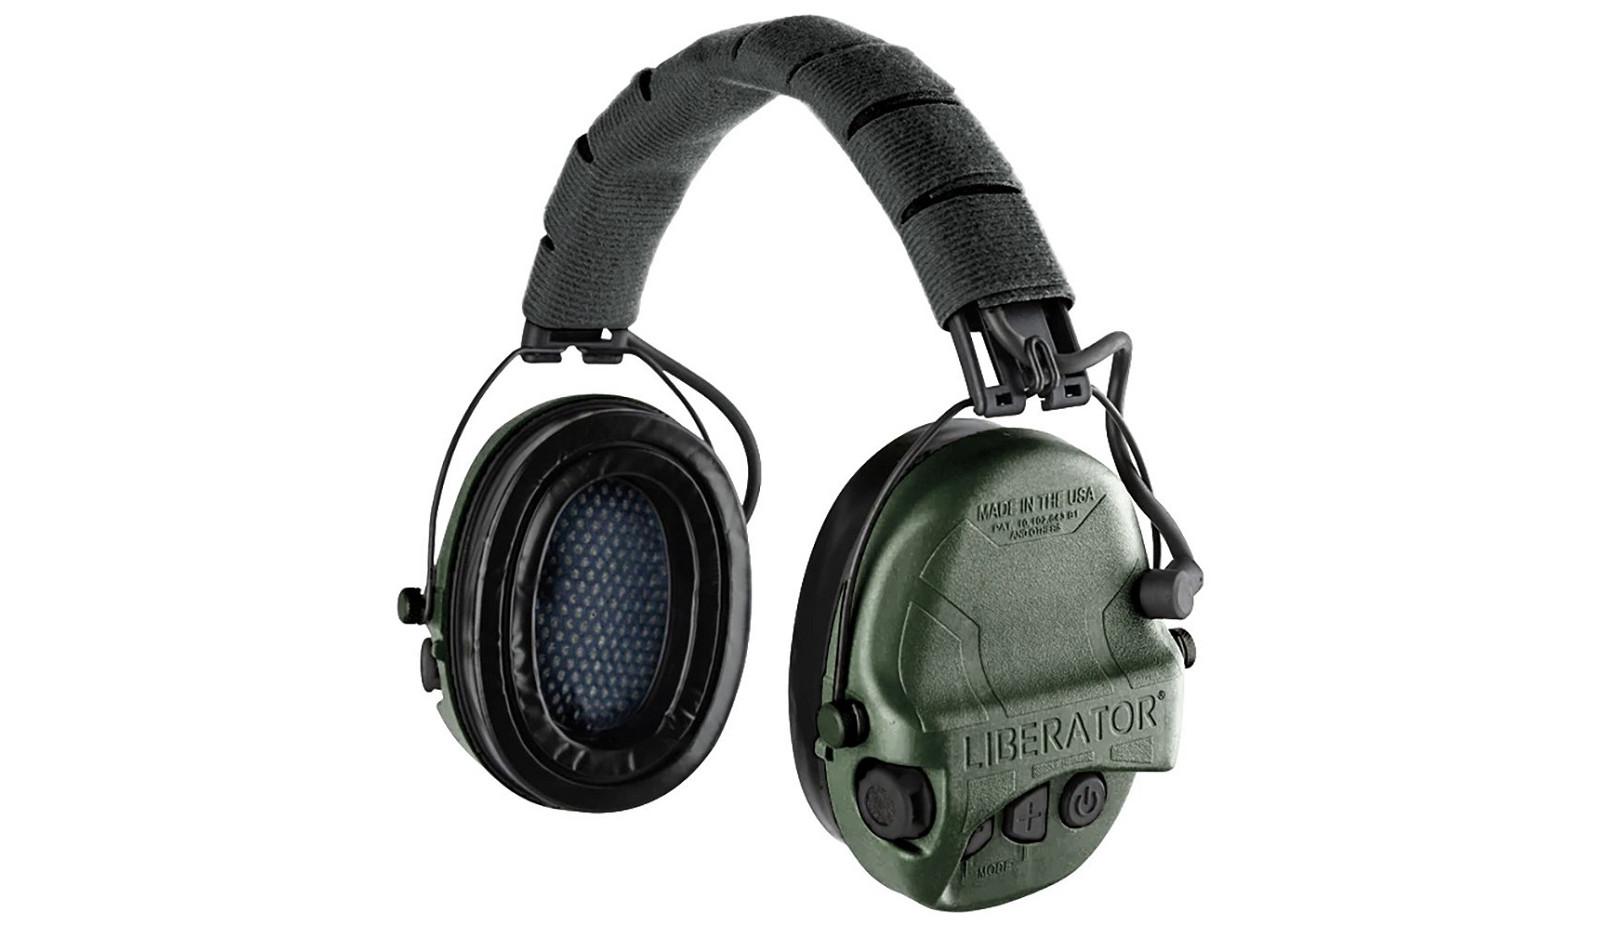 Safariland Liberator HP 2.0 Hearing Protection Olive Drab Green